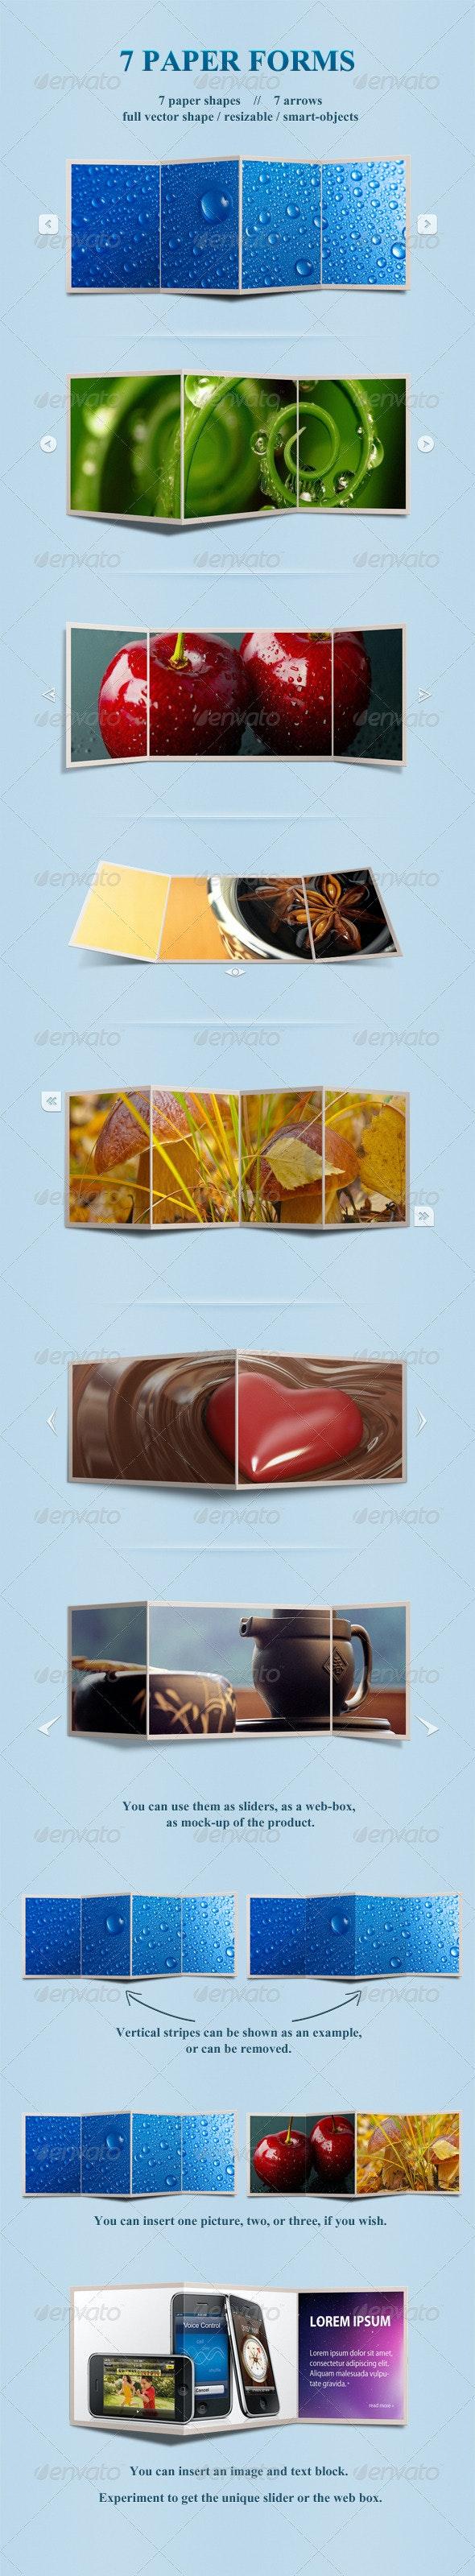 7 Paper Forms - Miscellaneous Web Elements